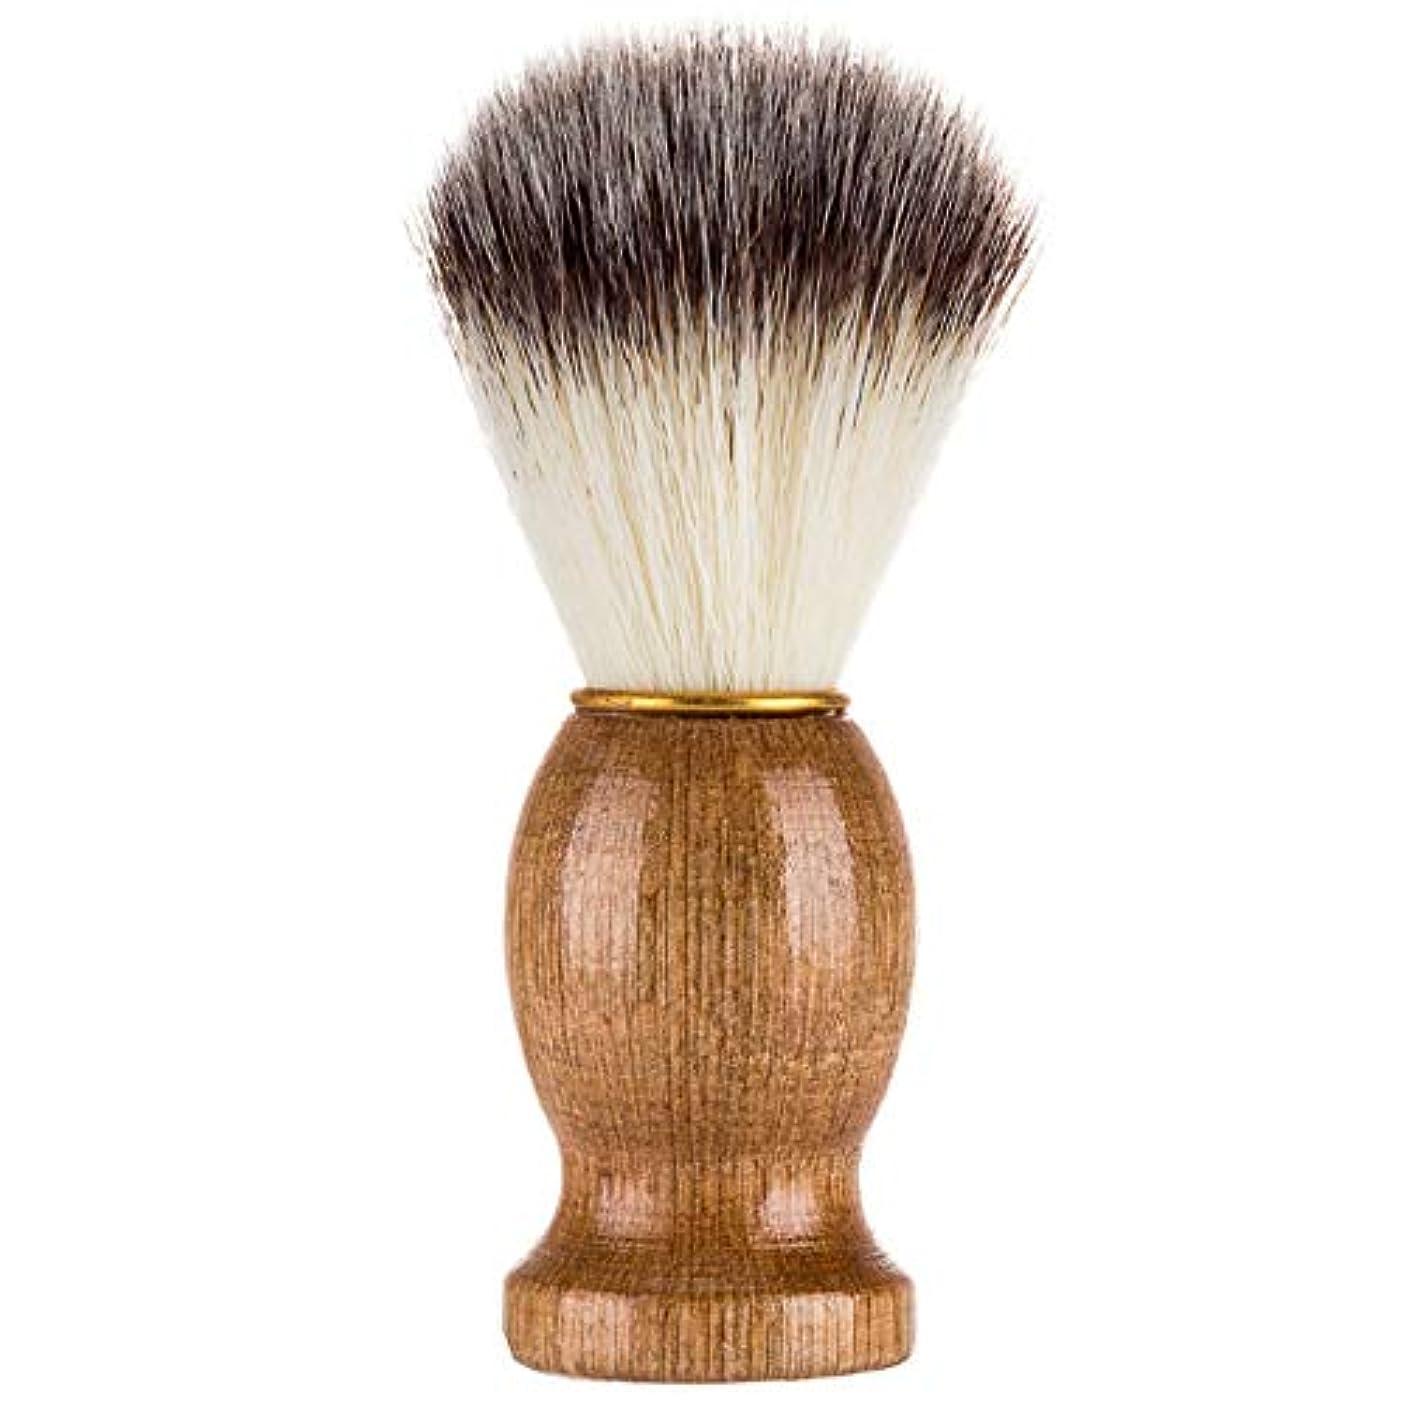 舌なレイアウト活気づくMagRing効果的にアナグマの毛の剃るかみそりのブラシの大広間の男性のための木製のハンドルが付いている美のクリーニングの電気器具色:木色